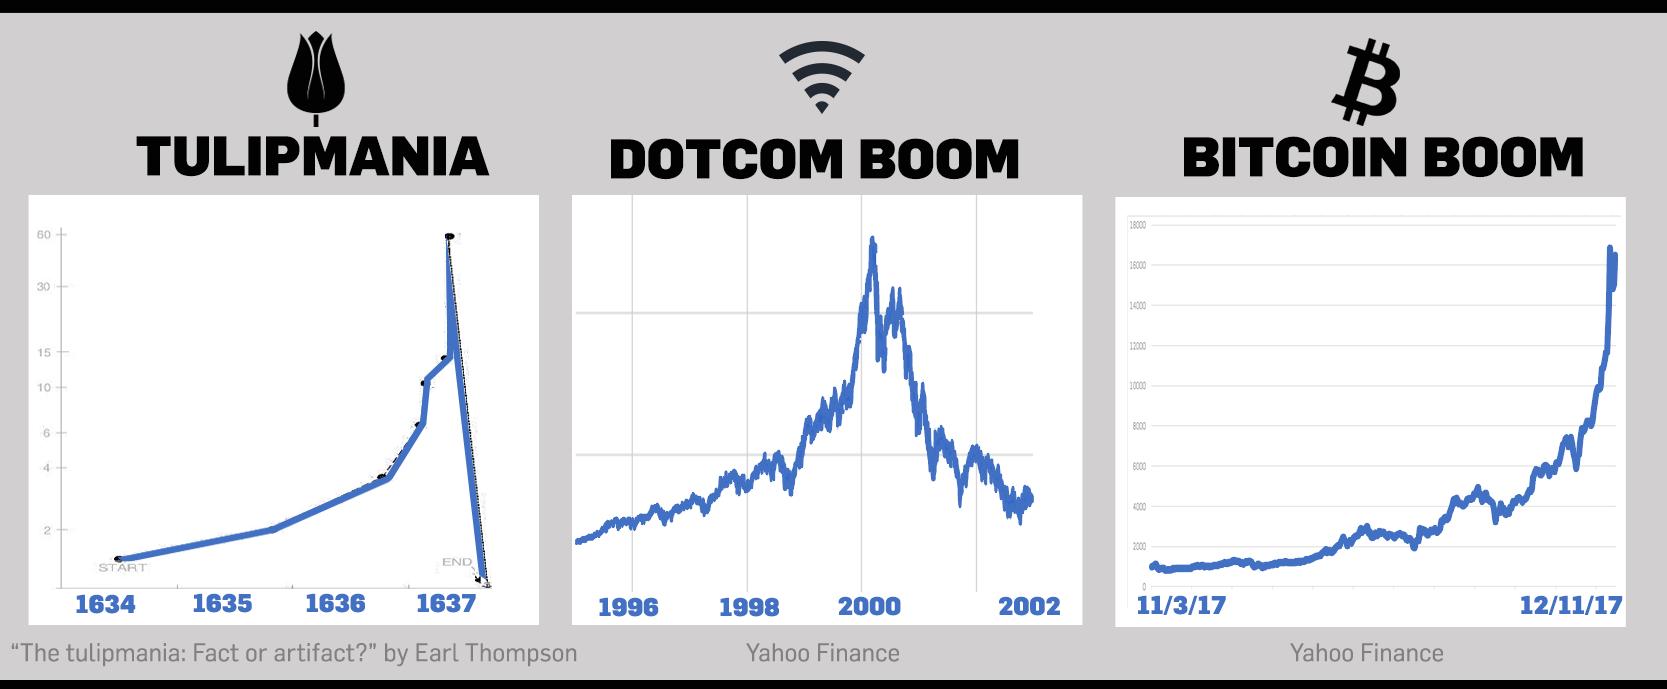 The Dotcom Bubble of 2000-2002 3